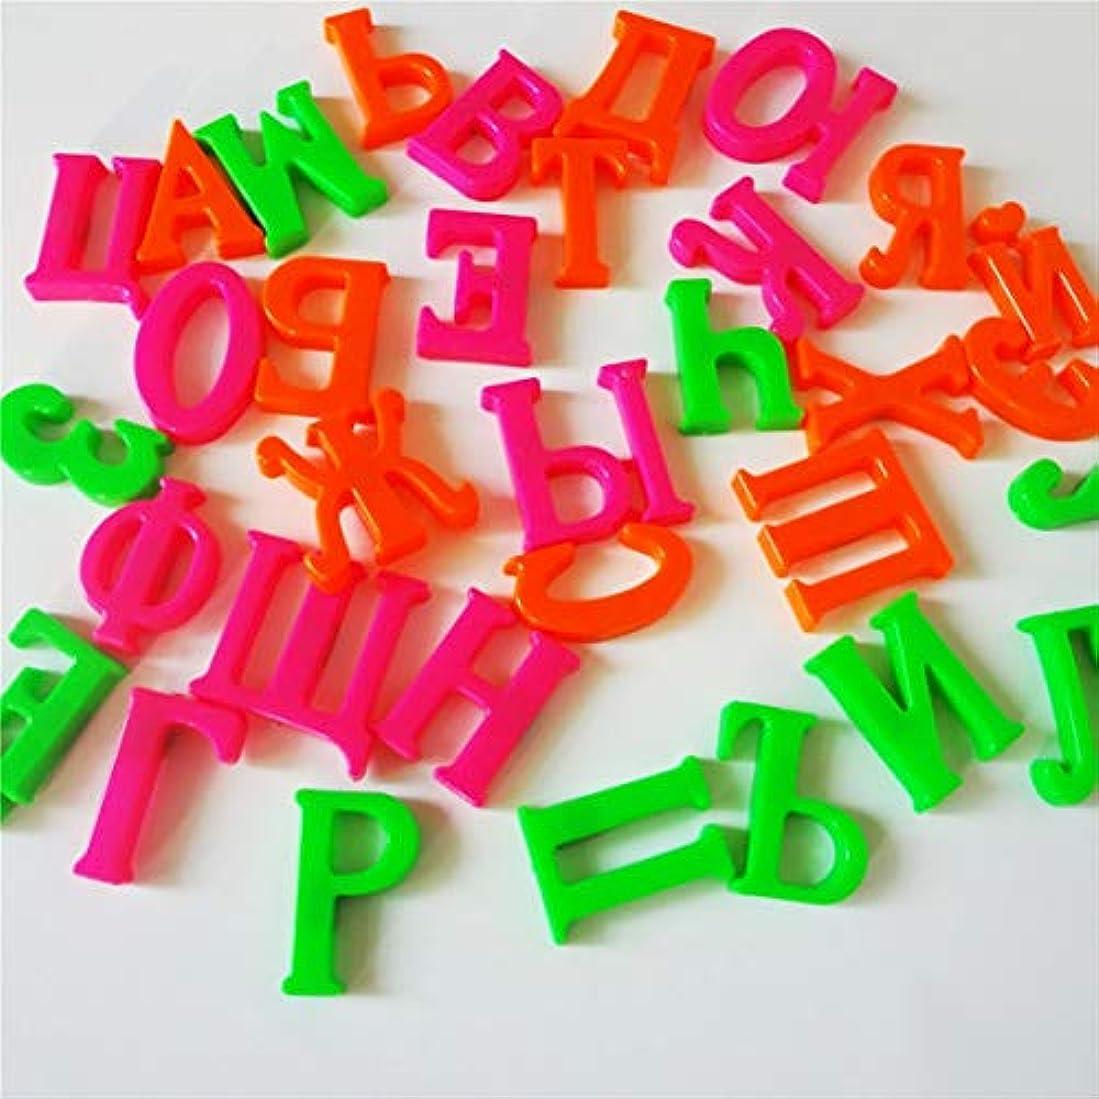 Kongqiabona 33個のロシアのアルファベットの冷蔵庫の磁石赤ちゃん教育学習玩具